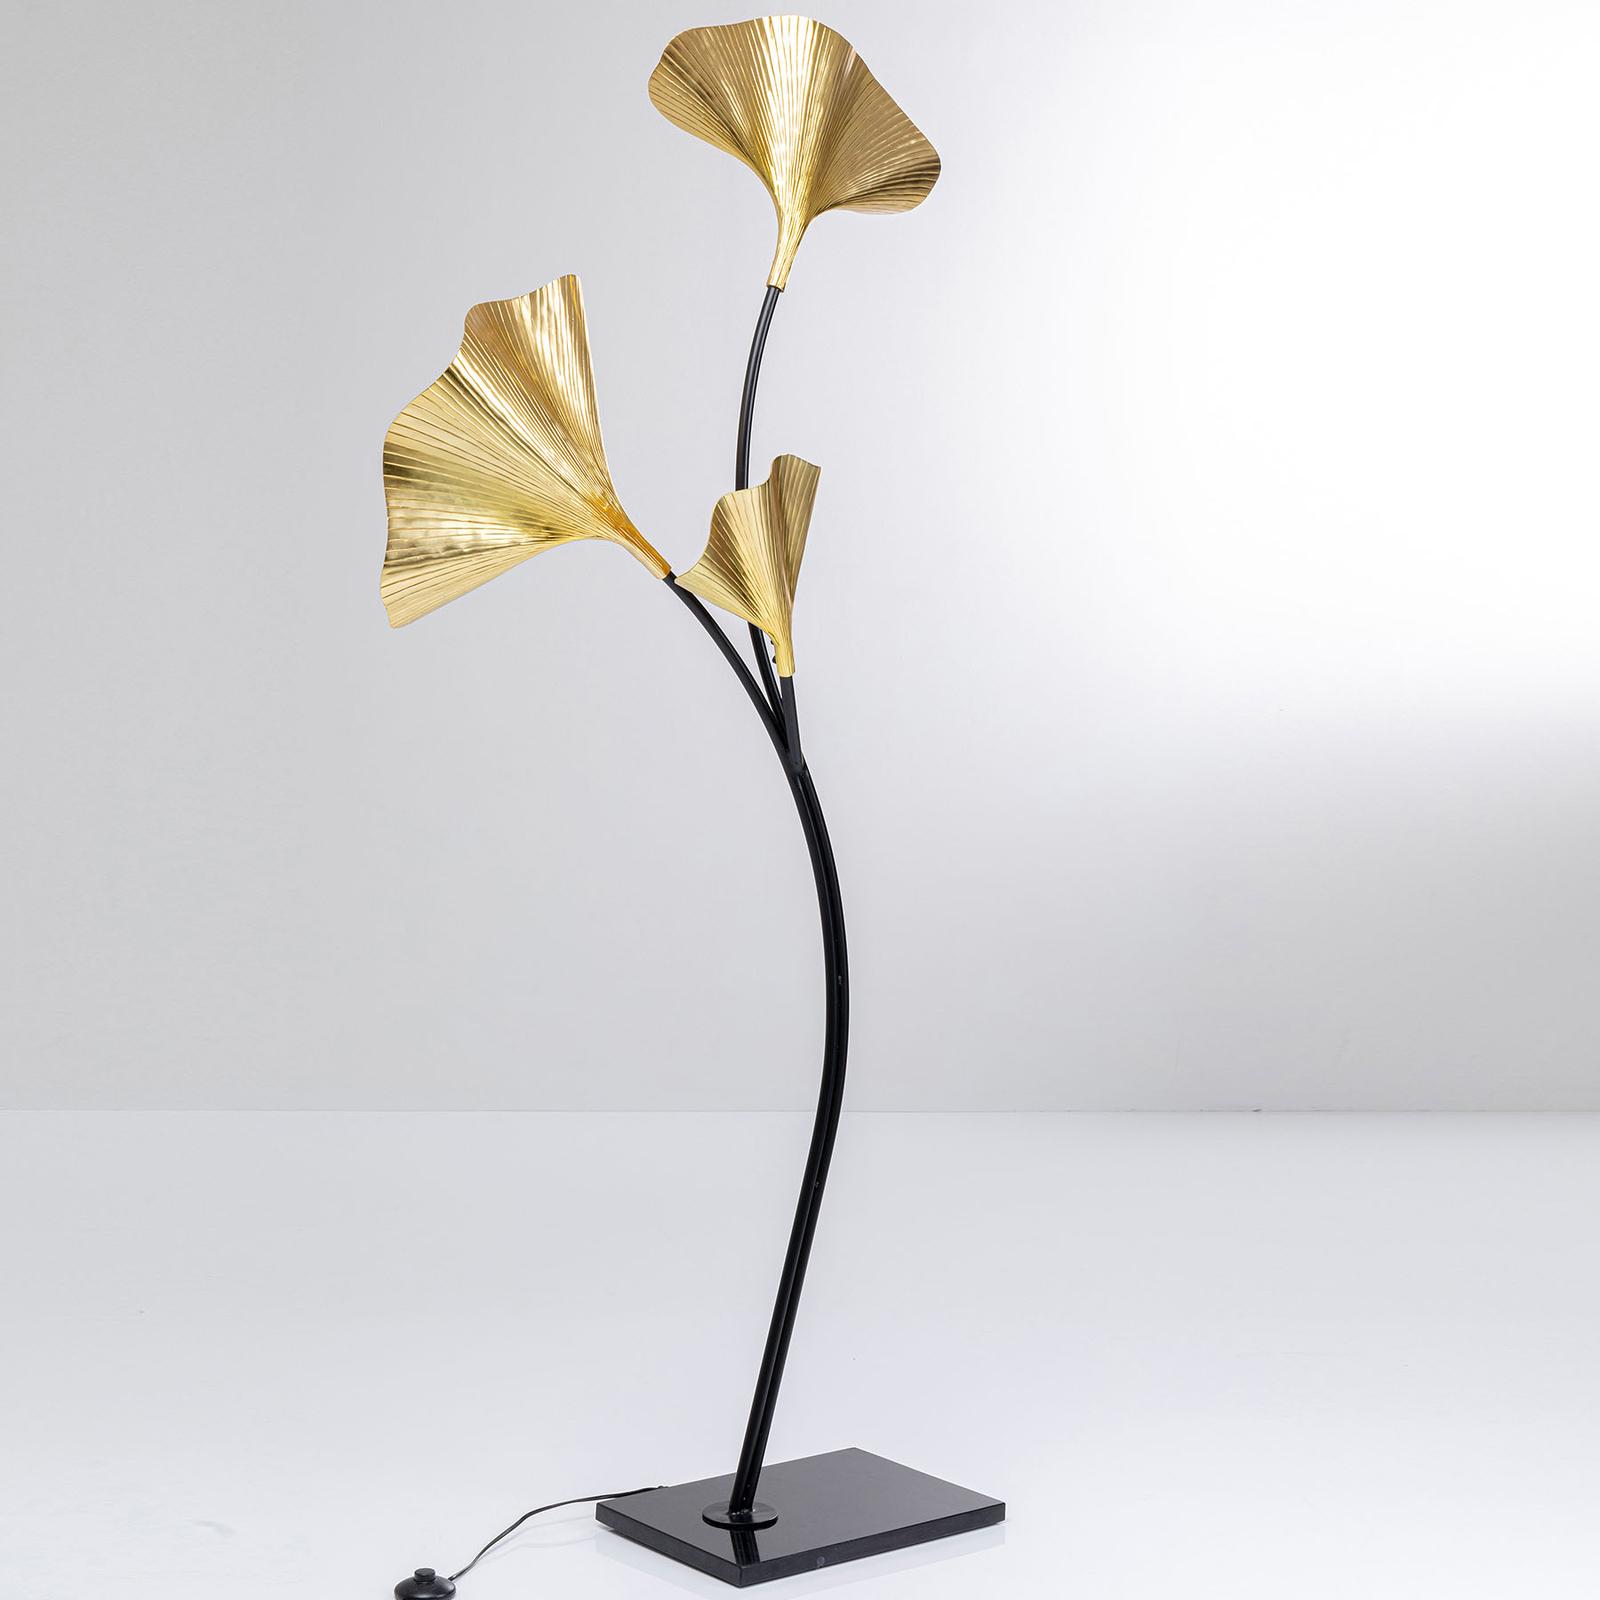 KARE Gingko Tre lampa stojąca, wysokość 182 cm